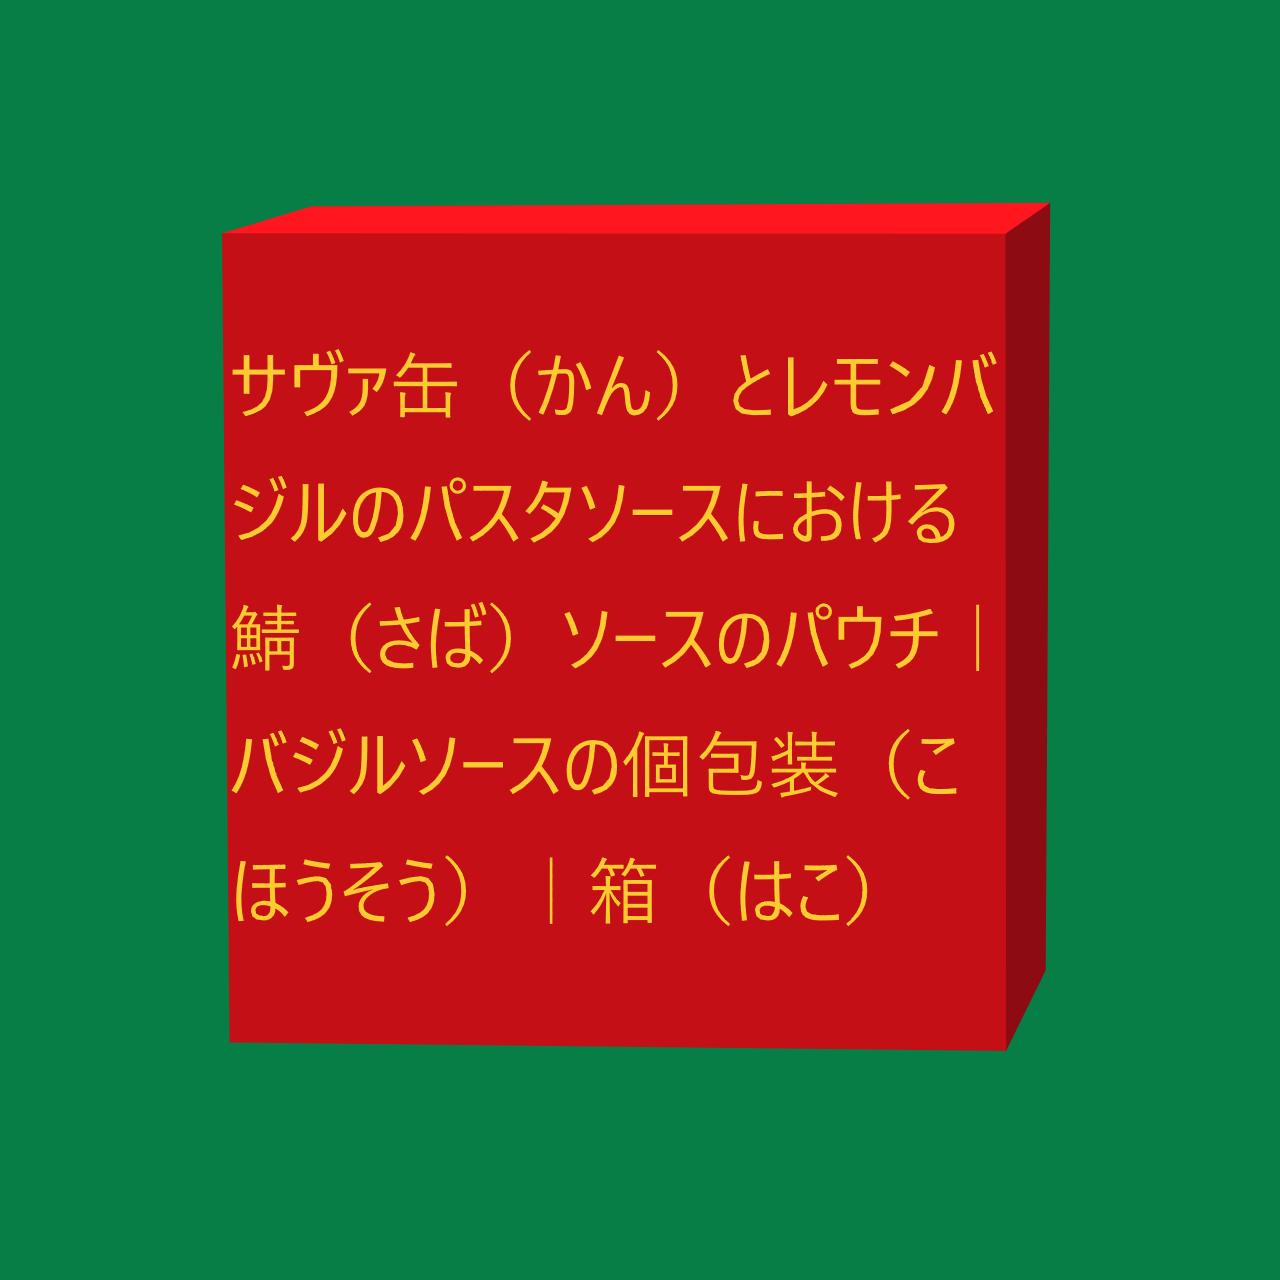 サヴァ缶(かん)とレモンバジルのパスタソースにおける鯖(さば)ソースのパウチや、バジルソースの個包装(こほうそう)、箱(はこ)の側面(そくめん)や、底面(ていめん)などにかかる画像(がぞう)